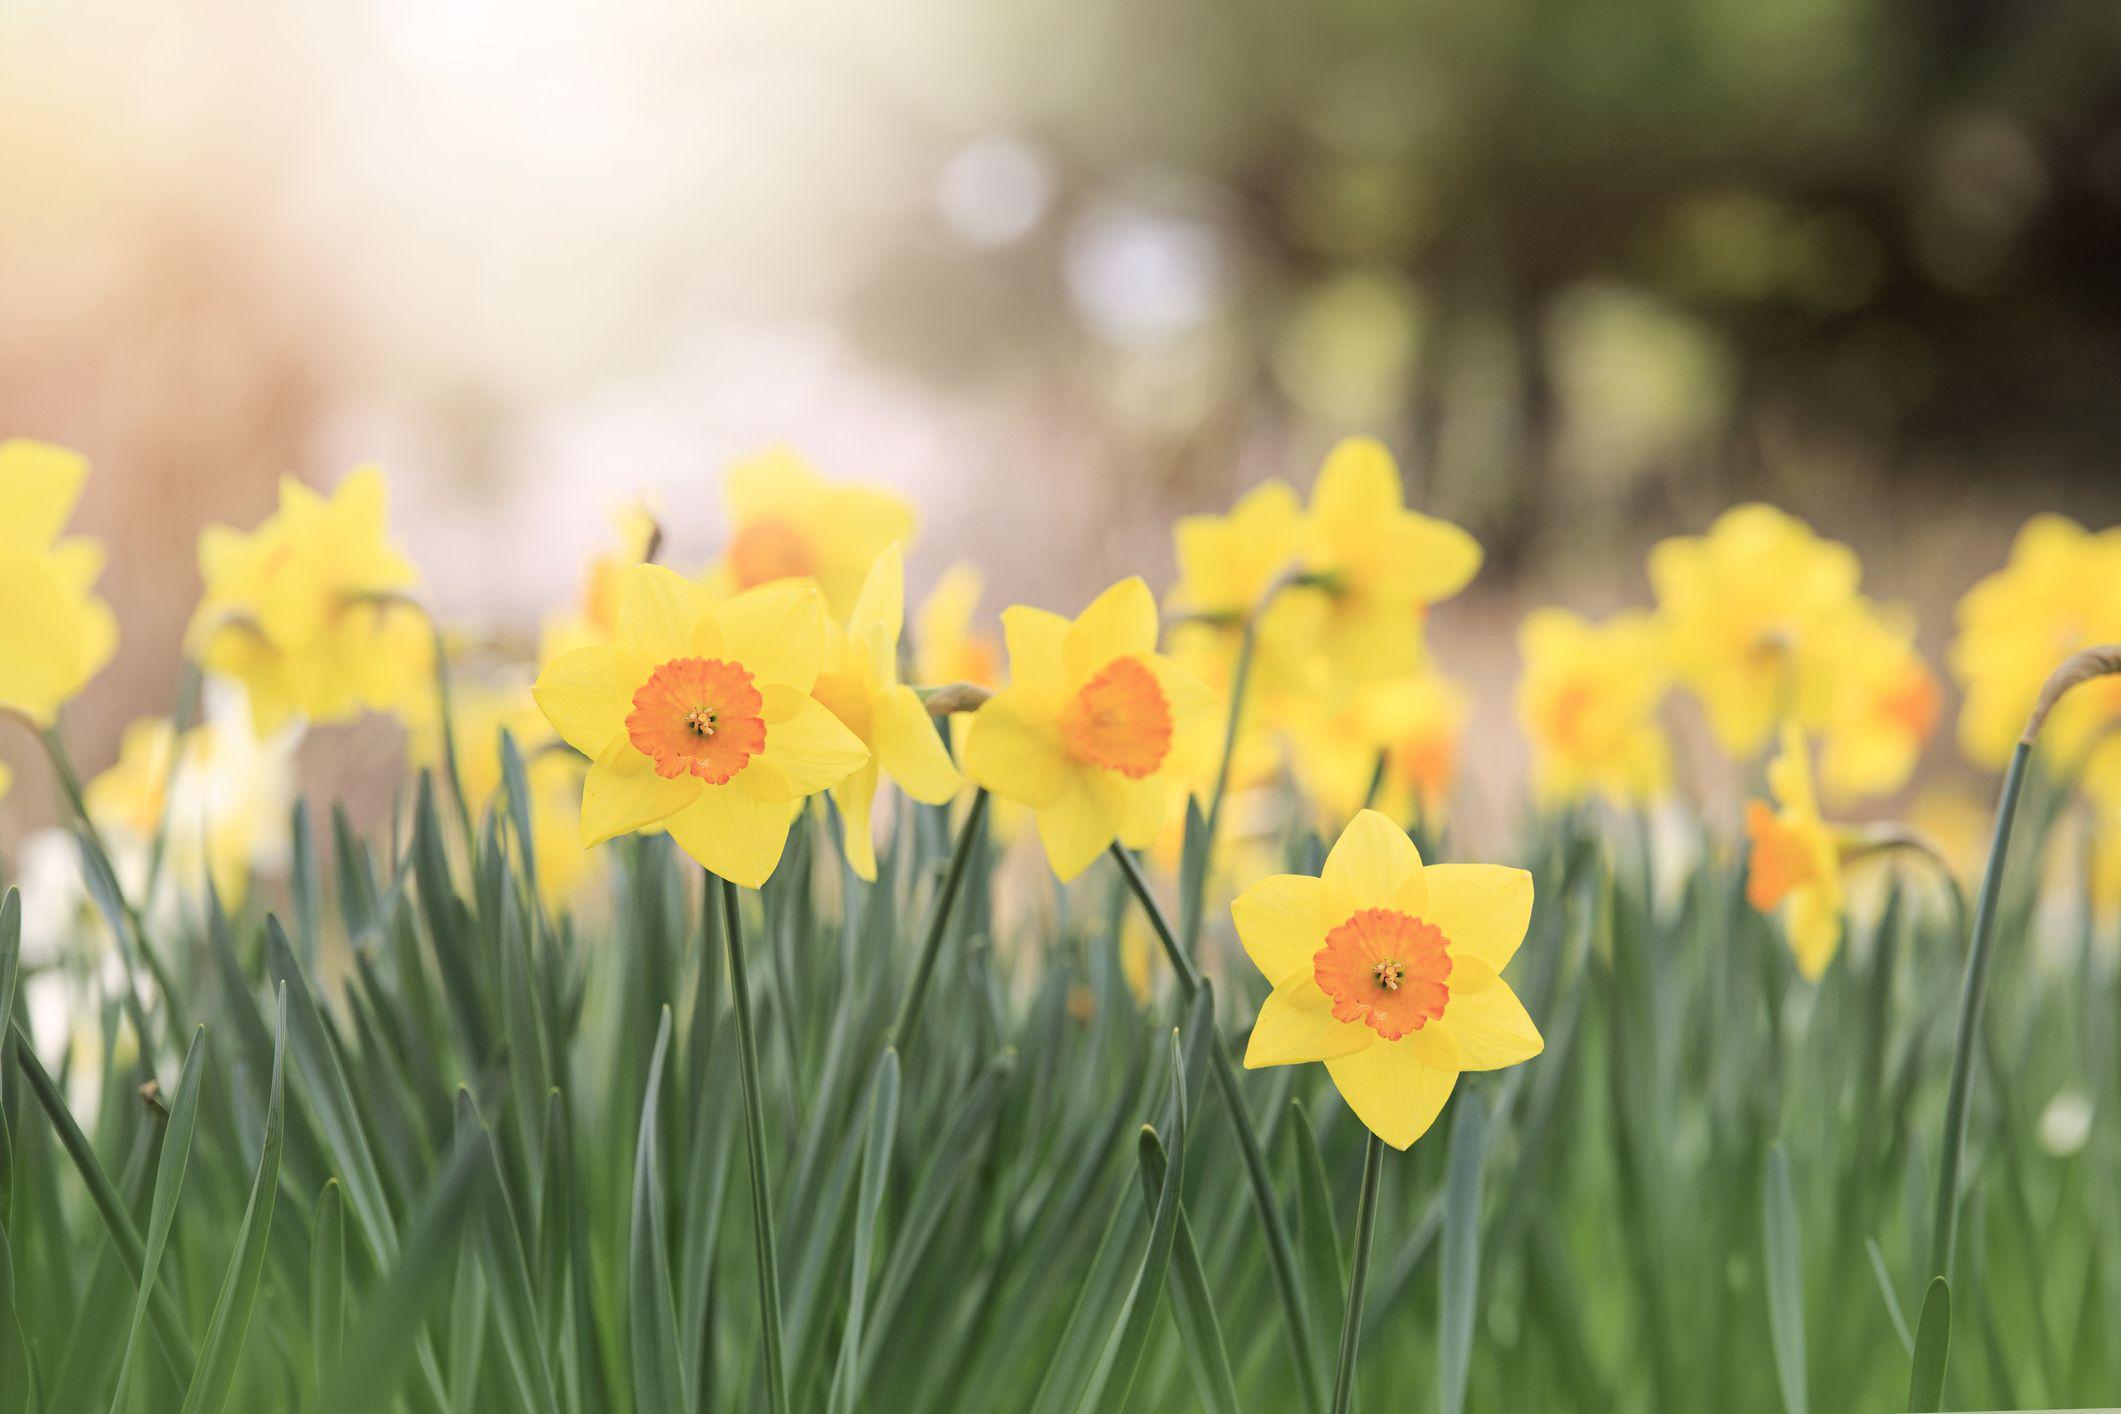 8 Lovely Springtime Blooms To Enjoy The Season